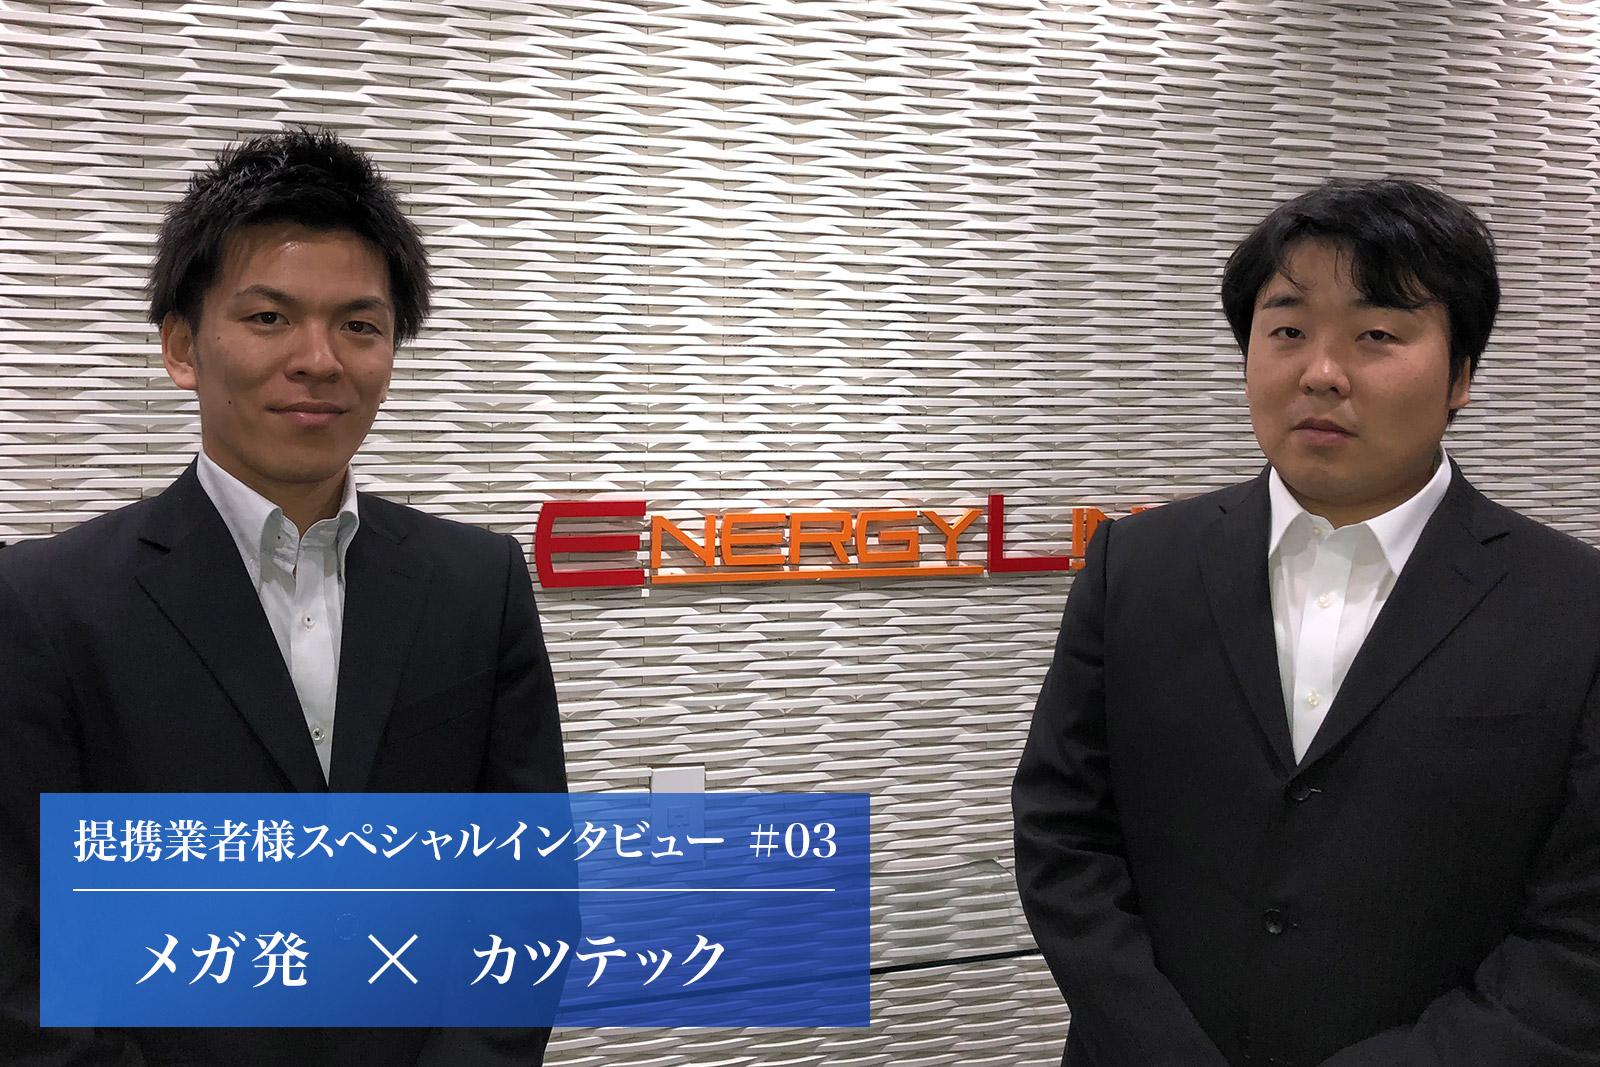 【メガ発インタビュー】株式会社カツテック